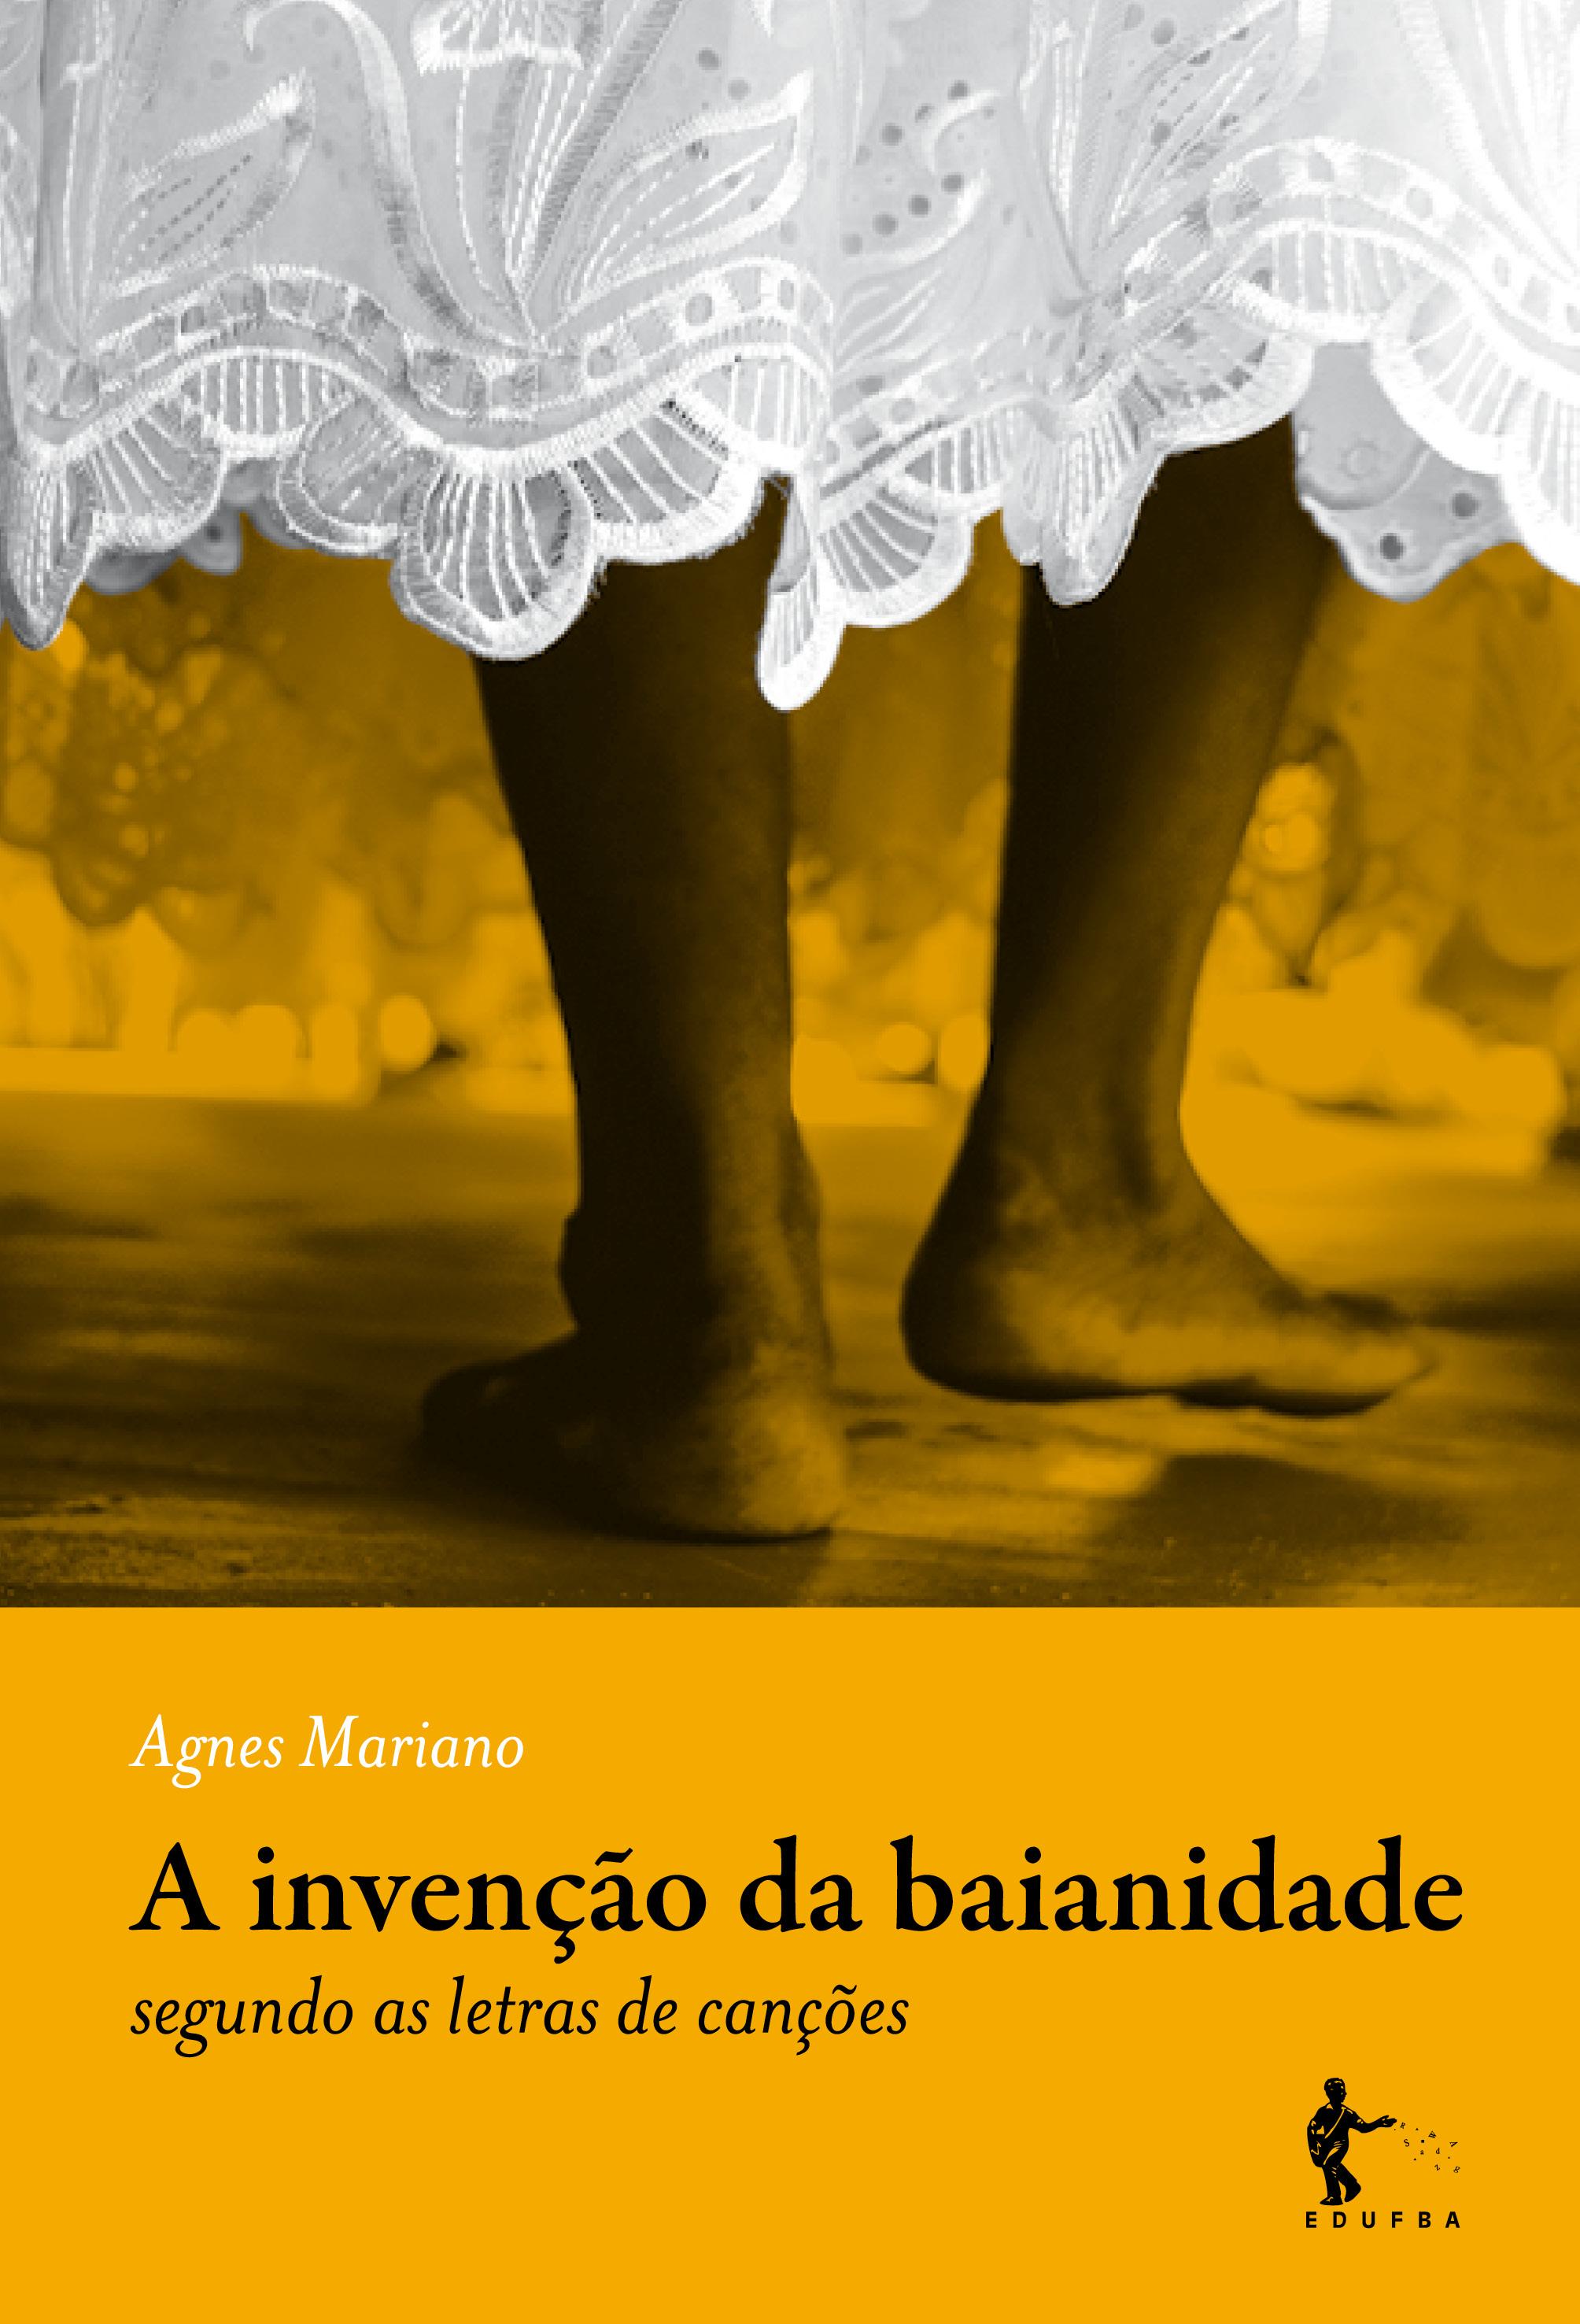 A Invenção da Baianidade: segundo as letras de canções, livro de Agnes Mariano